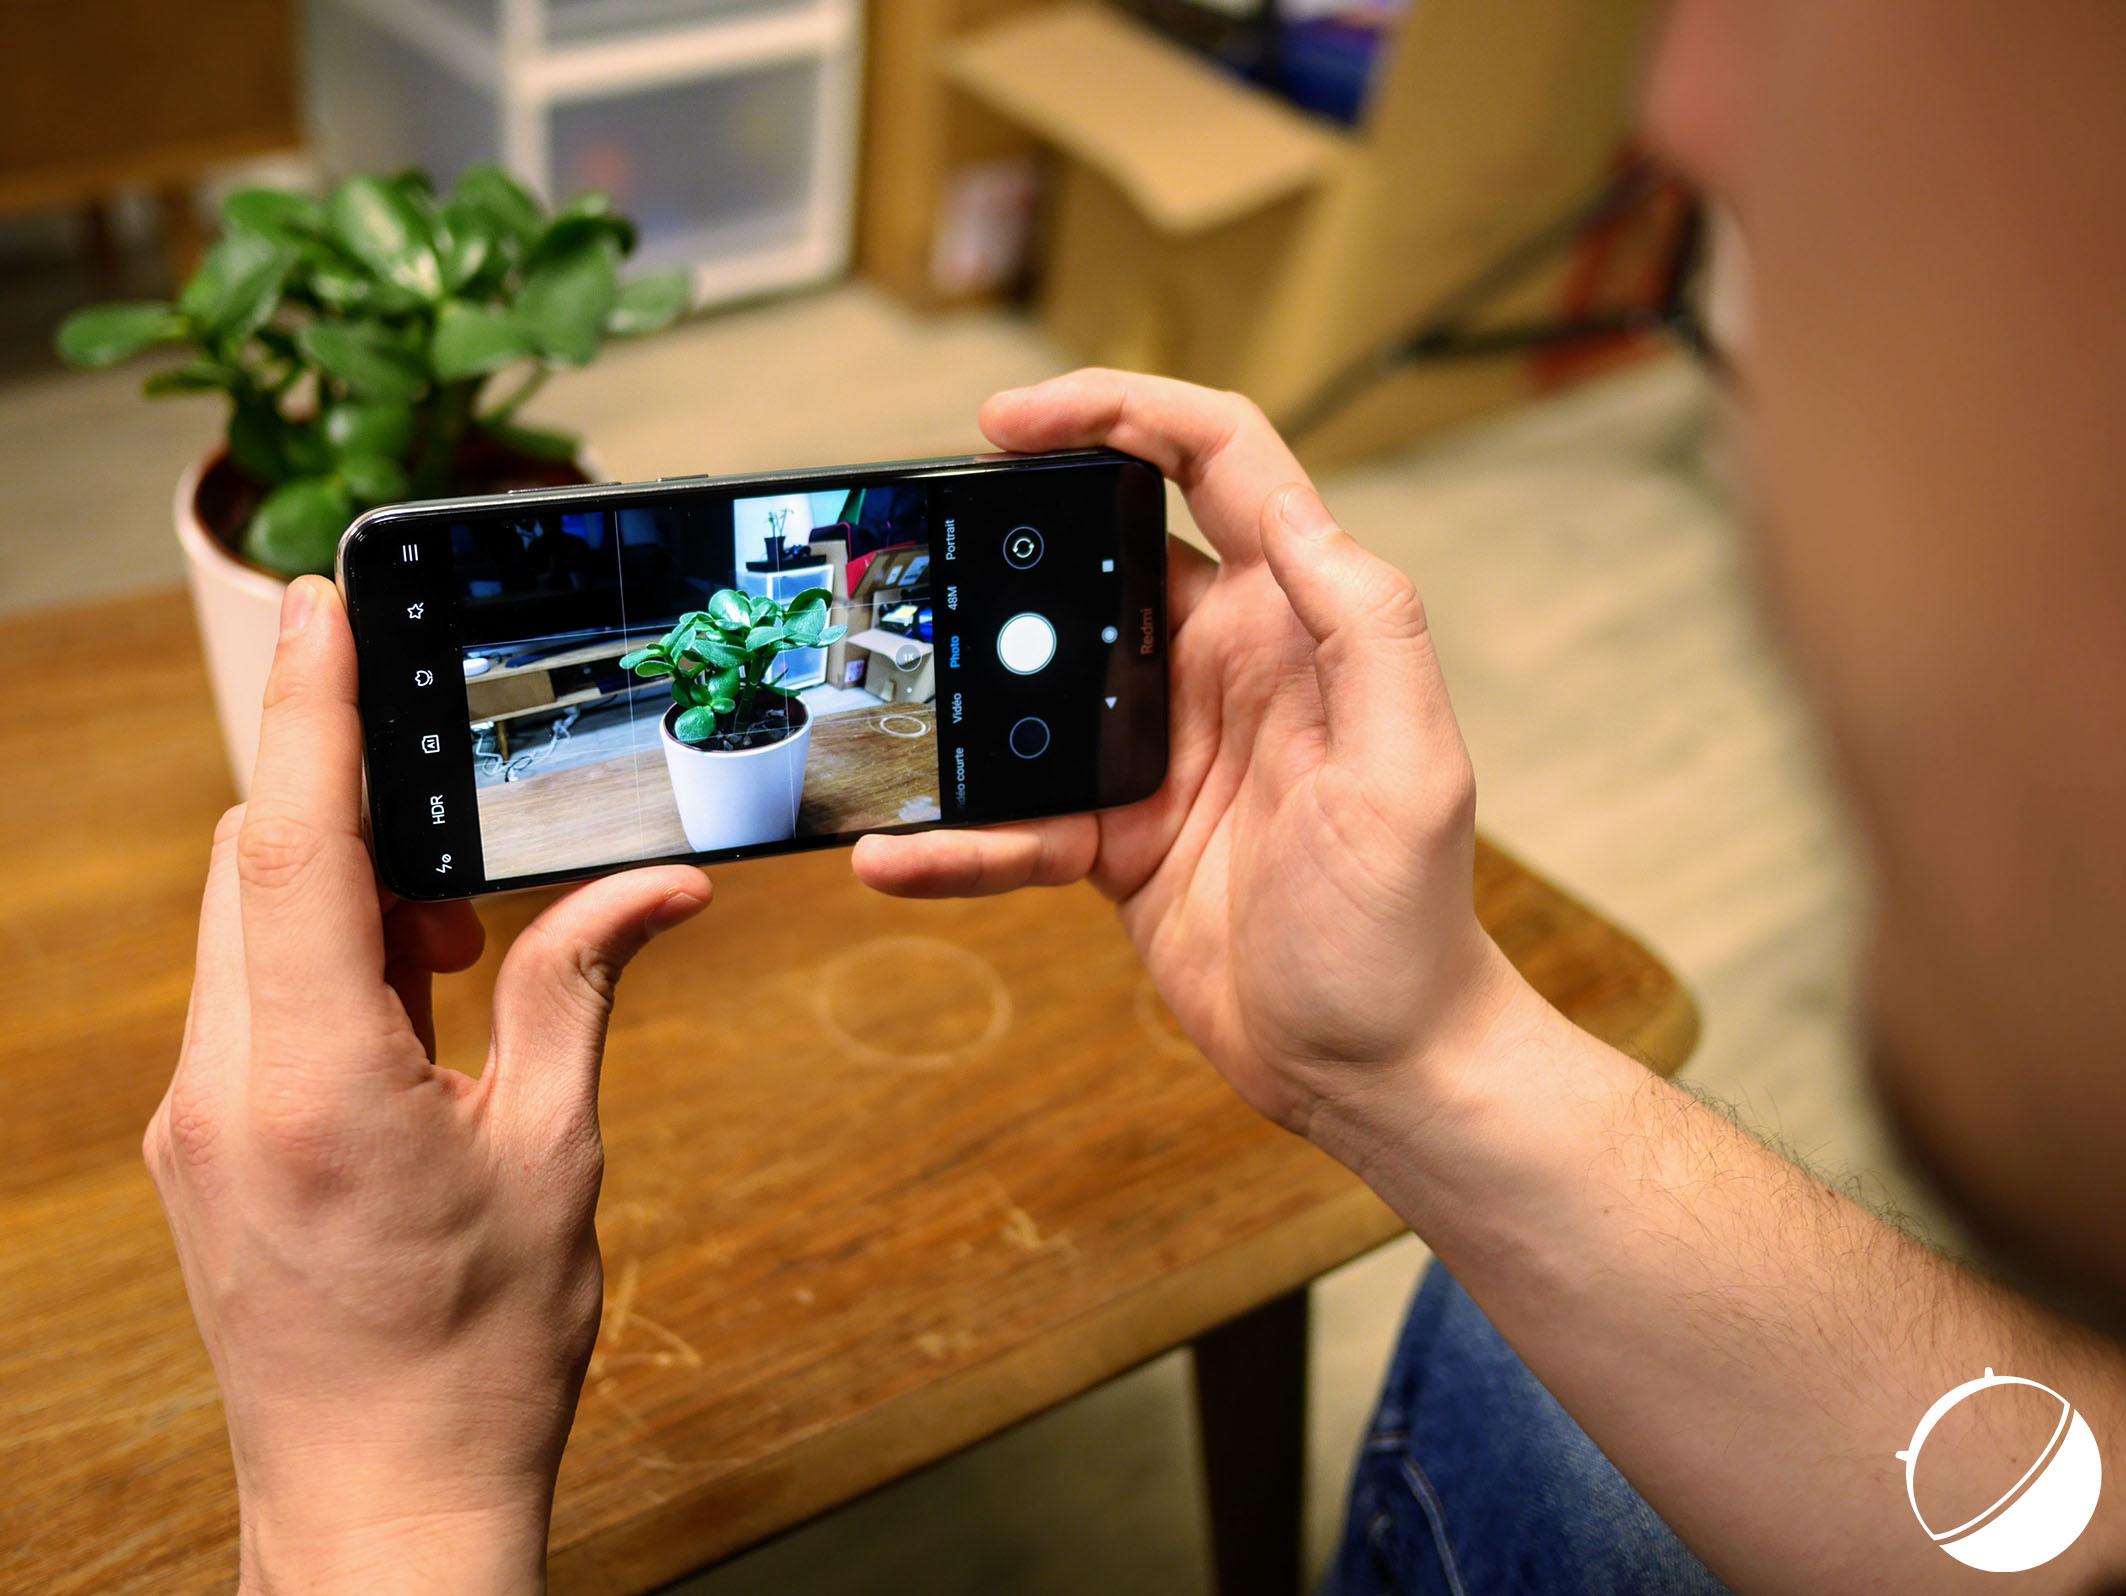 Sony fait la guerre aux photos floues avec sa nouvelle technologie de capteur